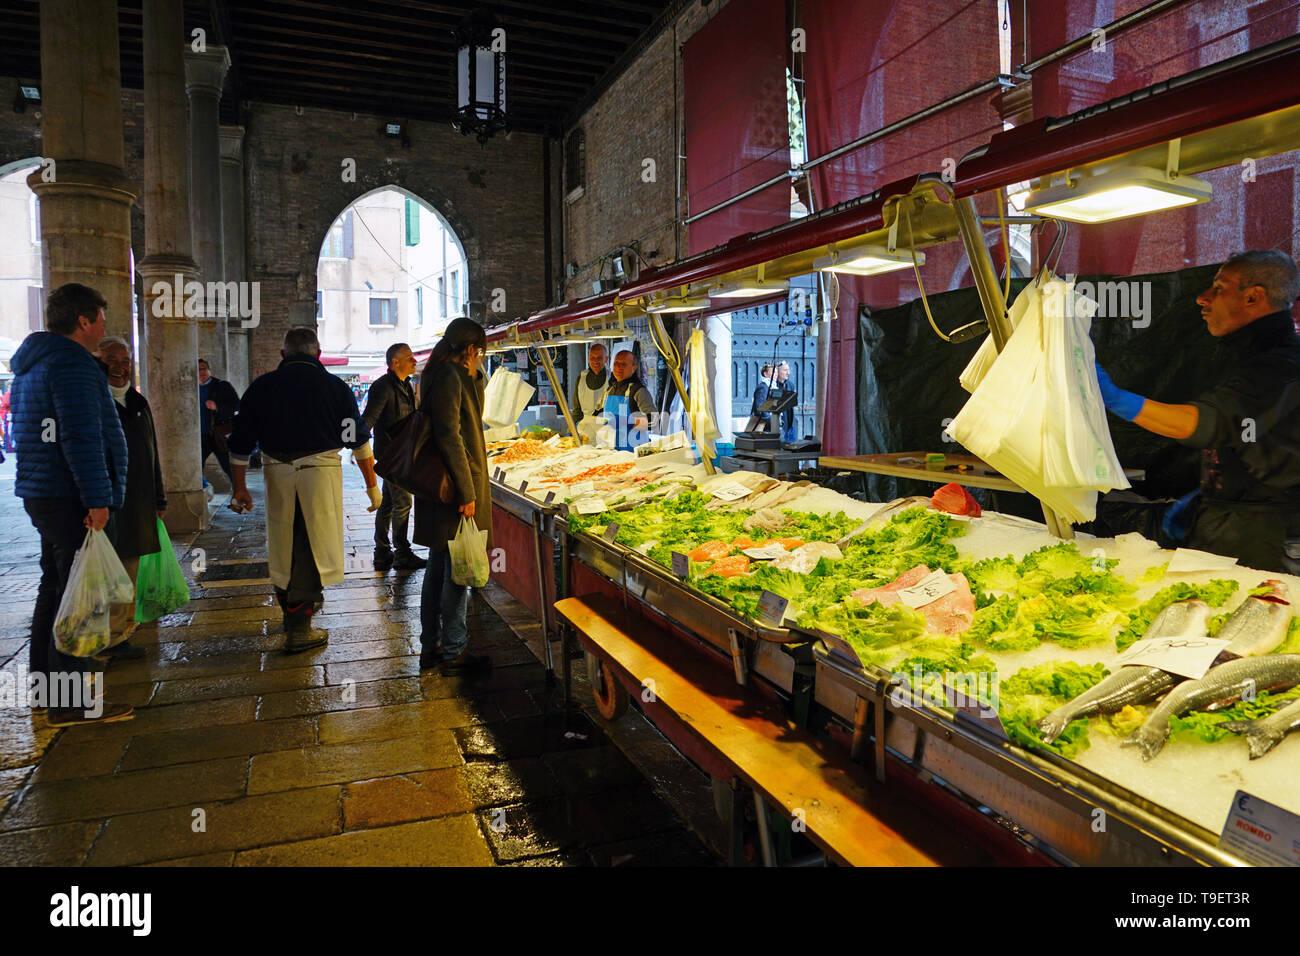 VENICE, ITALY -8 APR 2019- Fresh seafood for sale at the Rialto farmers market (Mercato di Rialto) in Venice, near the Rialto Bridge and the Grand Can - Stock Image